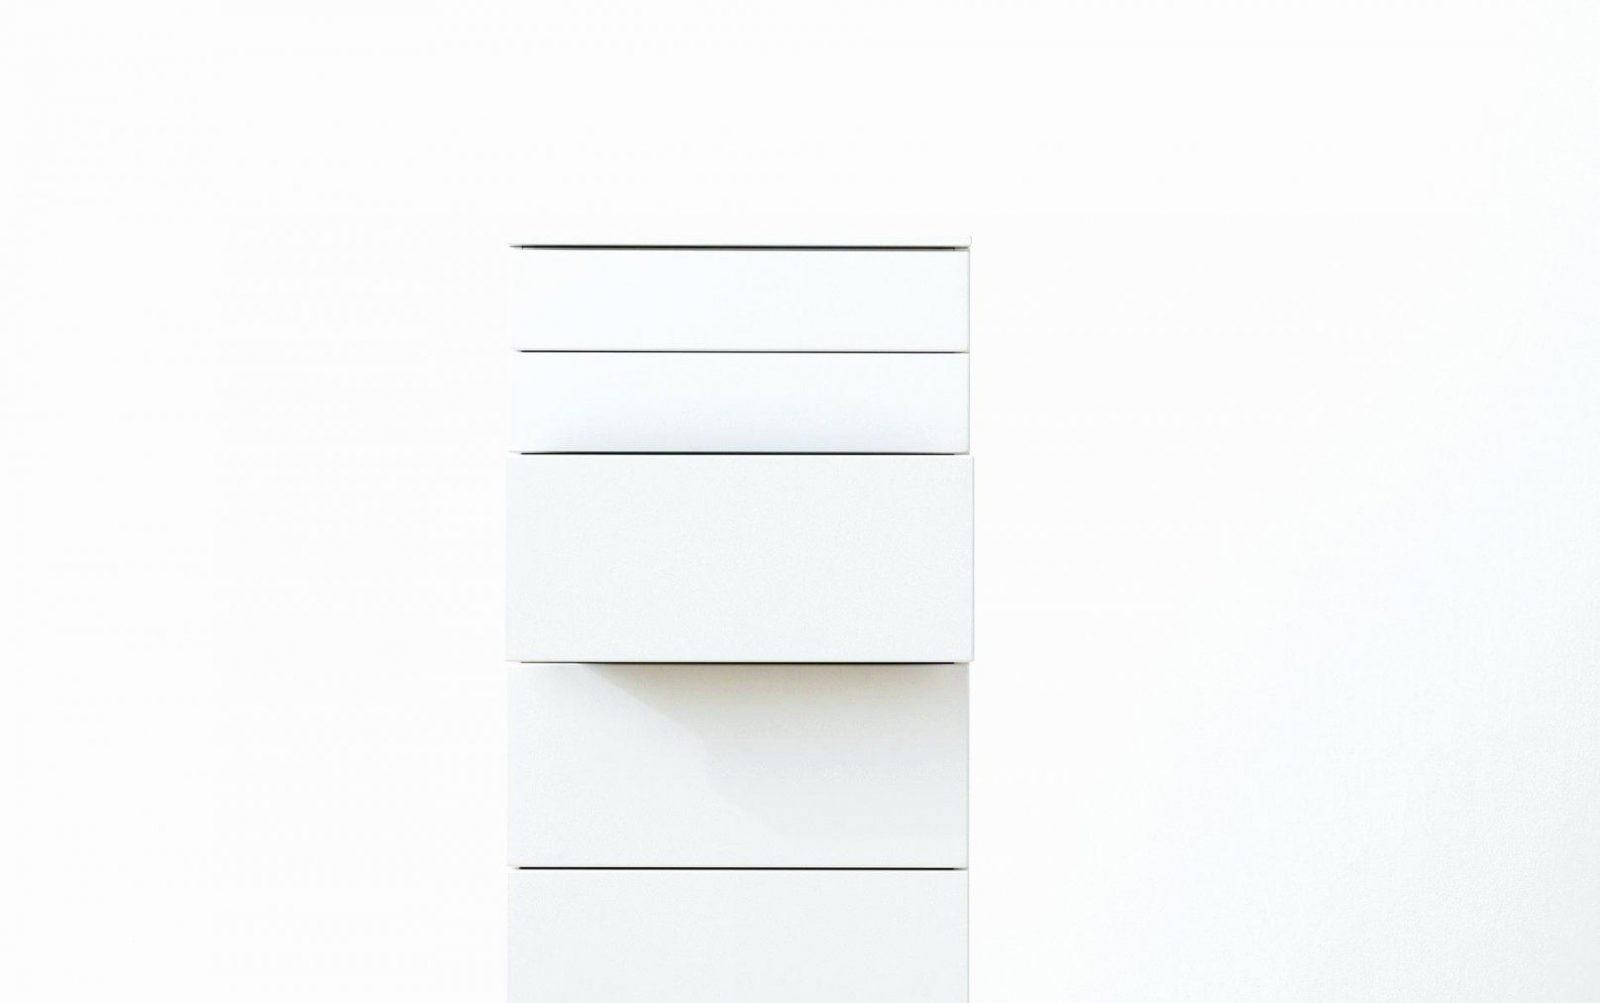 Badezimmerschrank 40 Cm Beautiful Badschrank 20 Cm Tief Gallery With von Badschrank 20 Cm Tief Photo